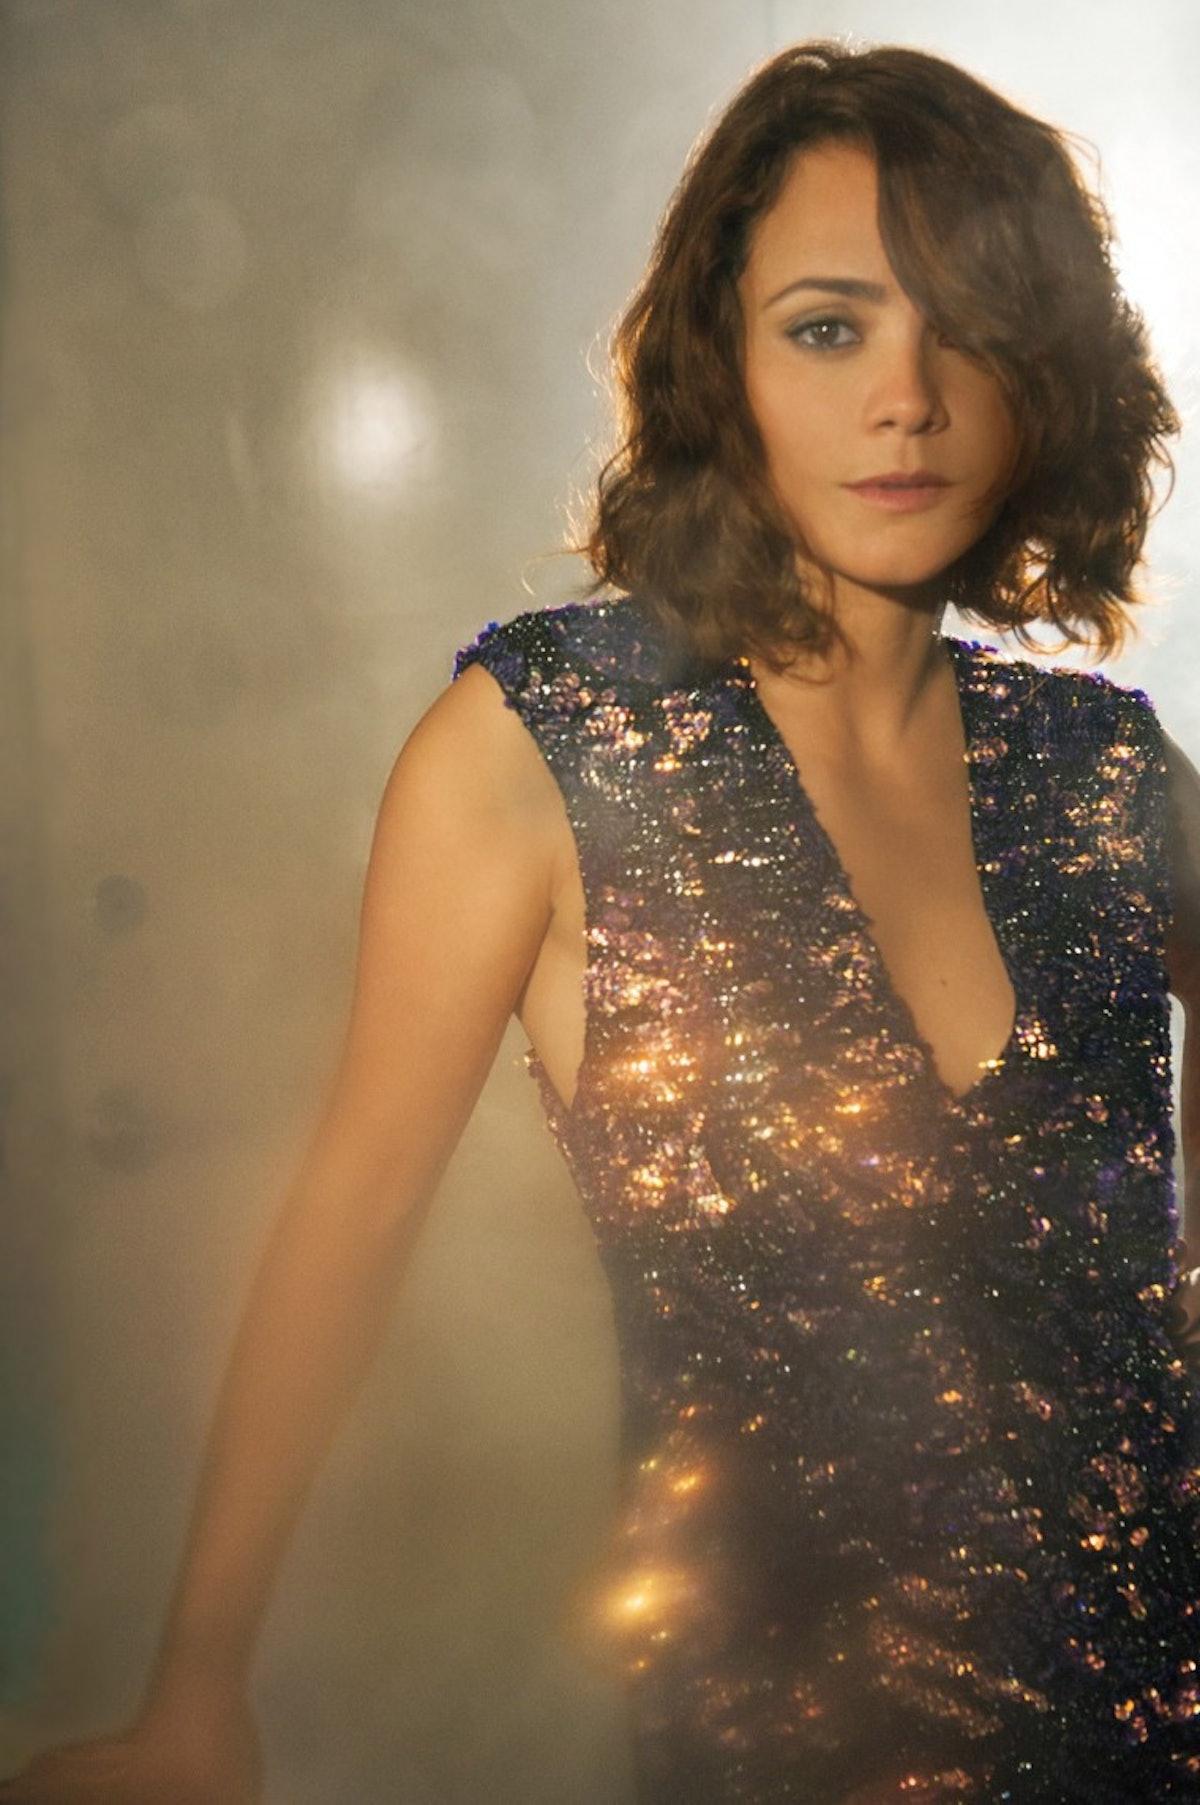 cear-alice-braga-brazilian-actress-e1376516179826-760x1143.jpg